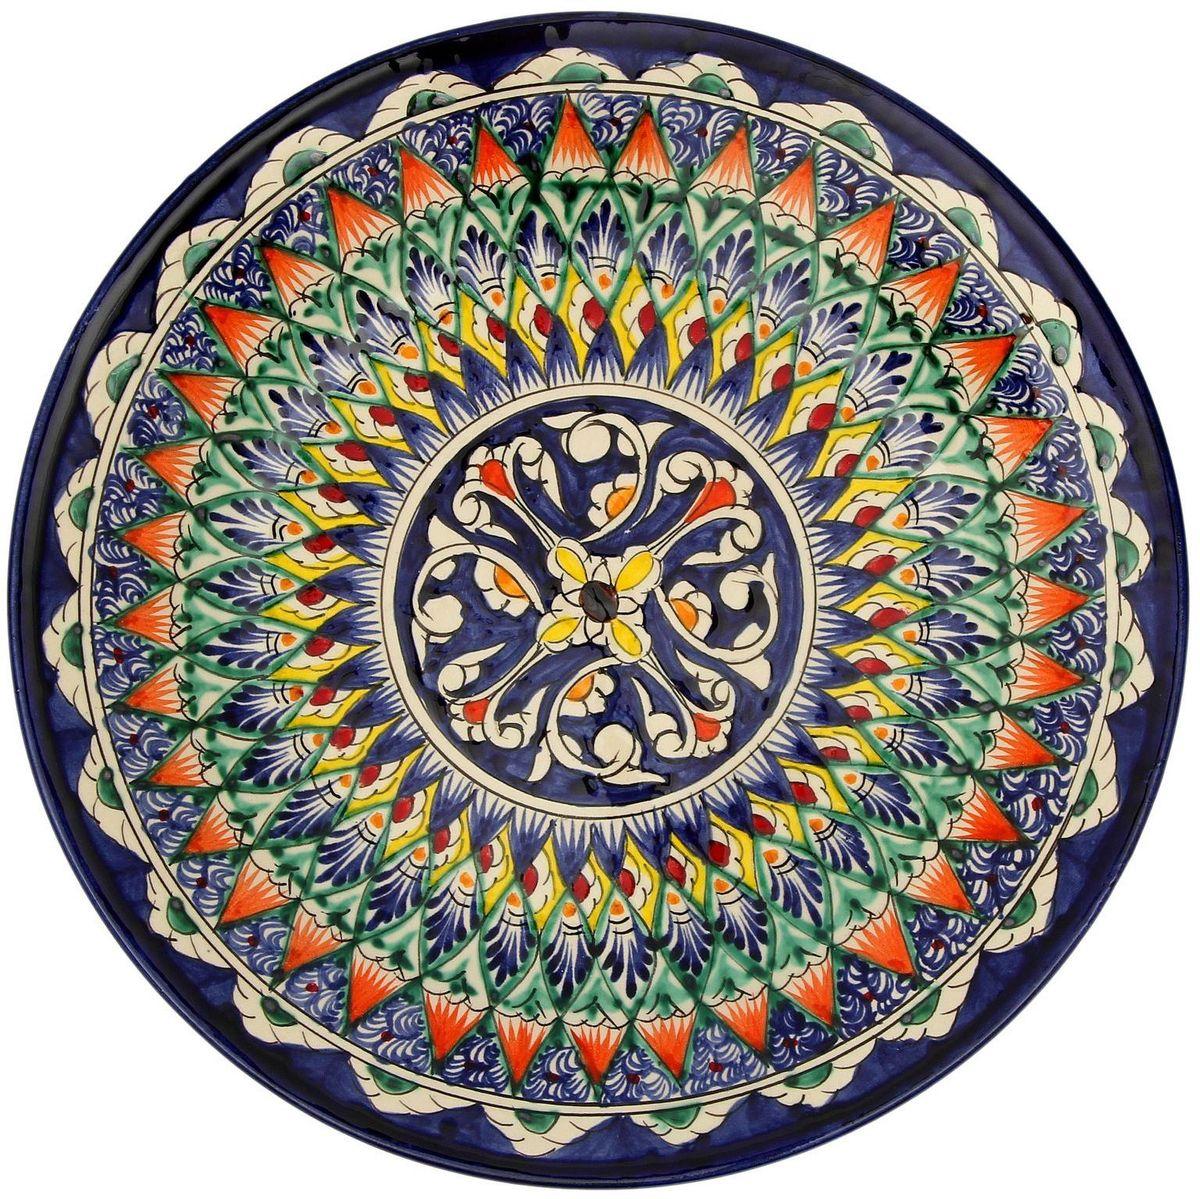 Тарелка Риштанская керамика, диаметр 27 см. 21387032138703Узбекская посуда известна всему миру уже более тысячи лет. Ей любовались царские особы, на ней подавали еду шейхам и знатным персонам. Формула глазури передаётся из поколения в поколение. По сей день качественные изделия продолжают восхищать своей идеальной формой.Данный предмет подойдёт для повседневной и праздничной сервировки. Дополните стол текстилем и салфетками в тон, чтобы получить элегантное убранство с яркими акцентами.